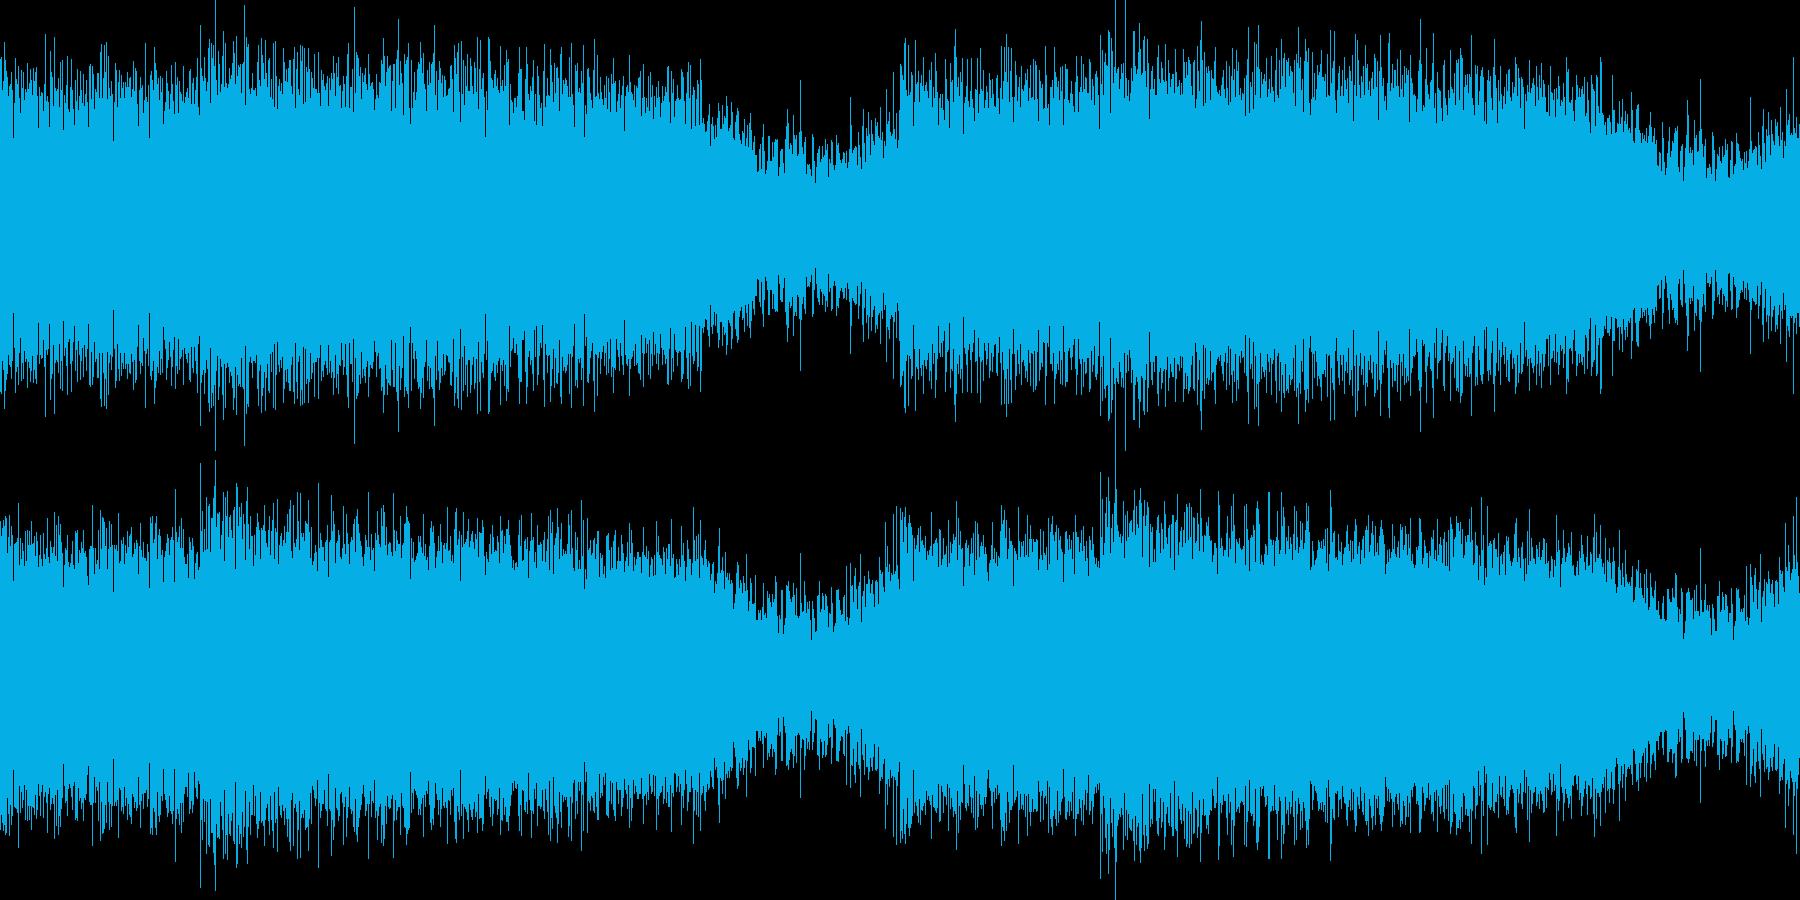 ヘヴィなサウンドとシンセで近未来な曲の再生済みの波形